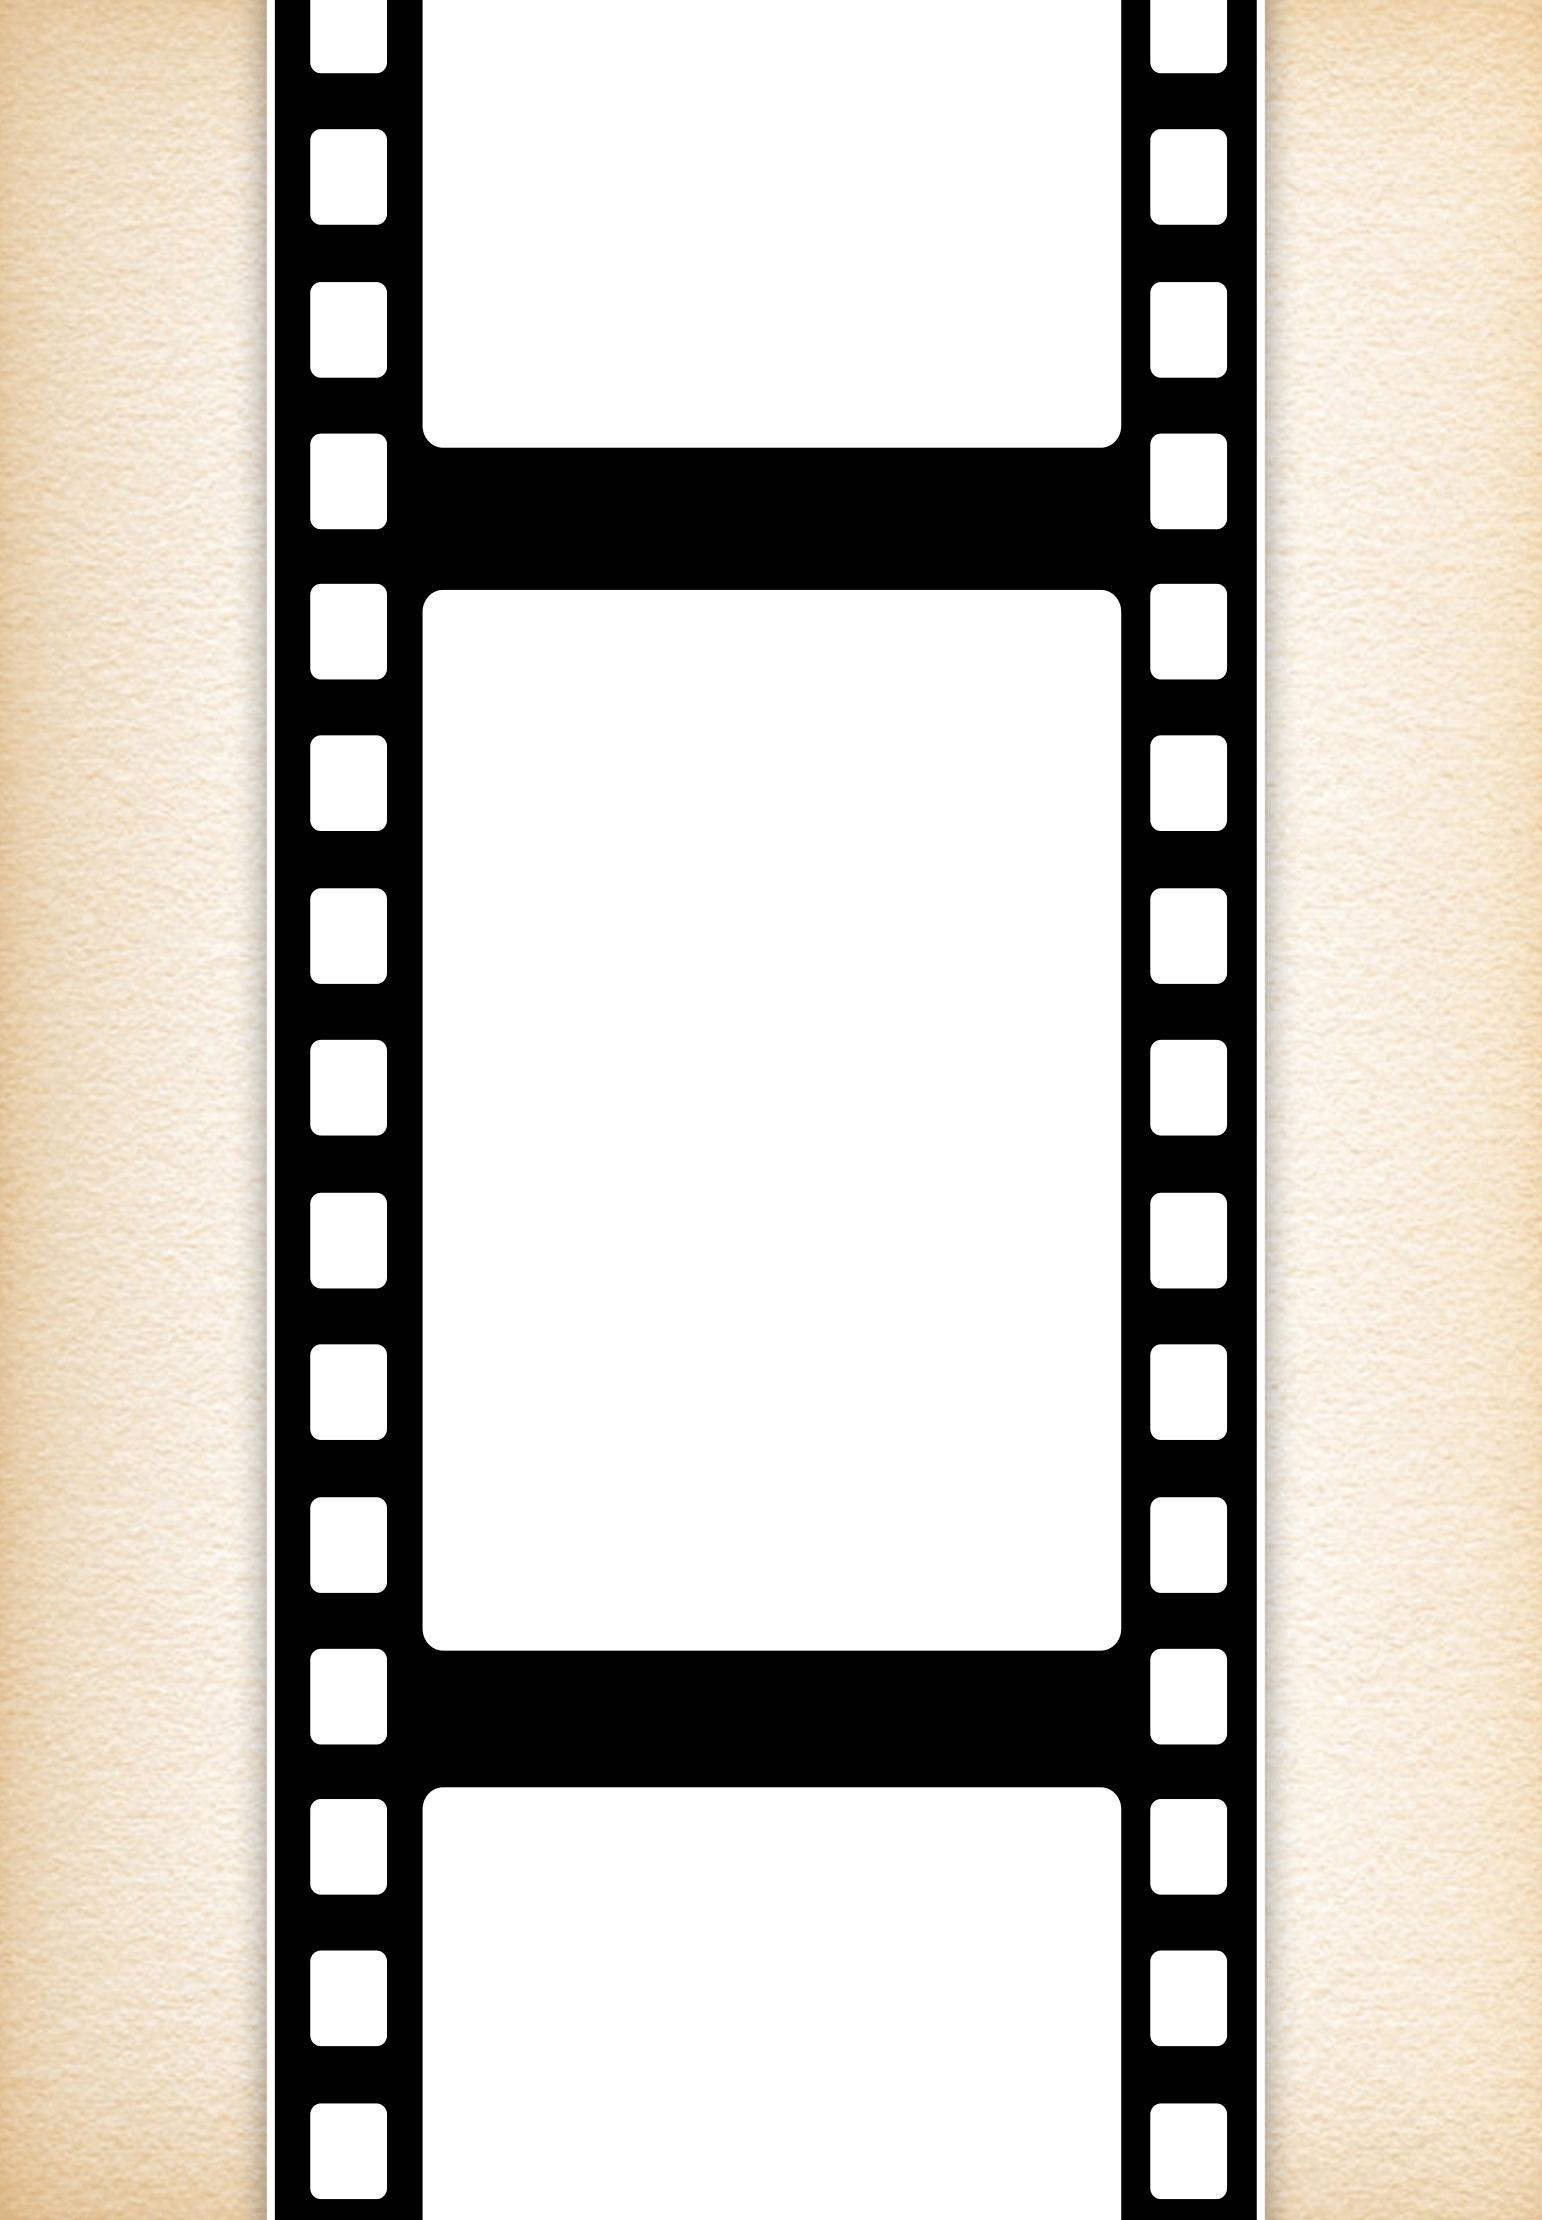 Movie Night - Free Printable Birthday Invitation Template - Free Printable Movie Themed Invitations